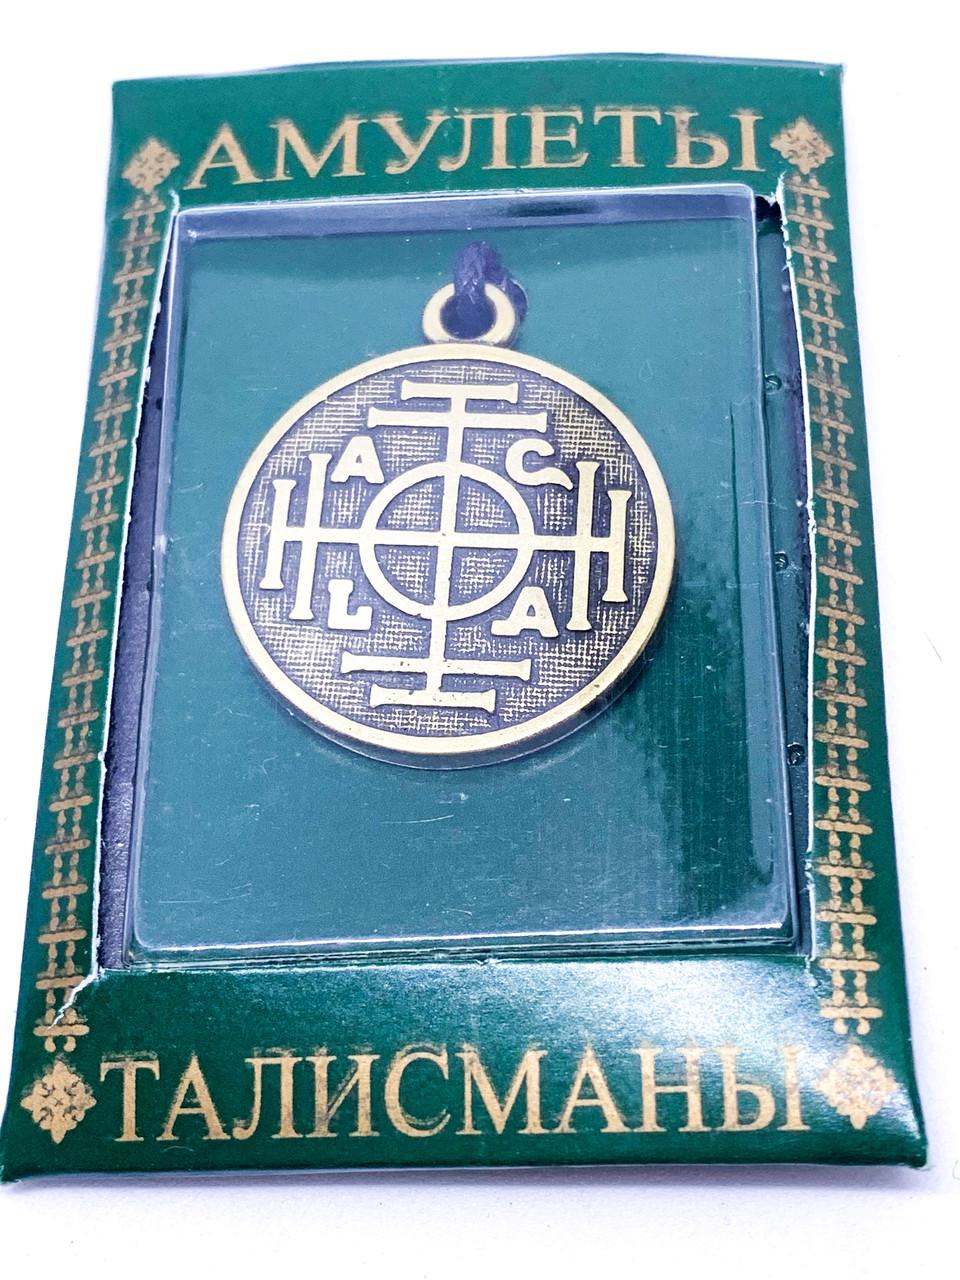 Талісман № 25 Колесо фортуни, що приносить удачу в лотереї та азартні ігри.